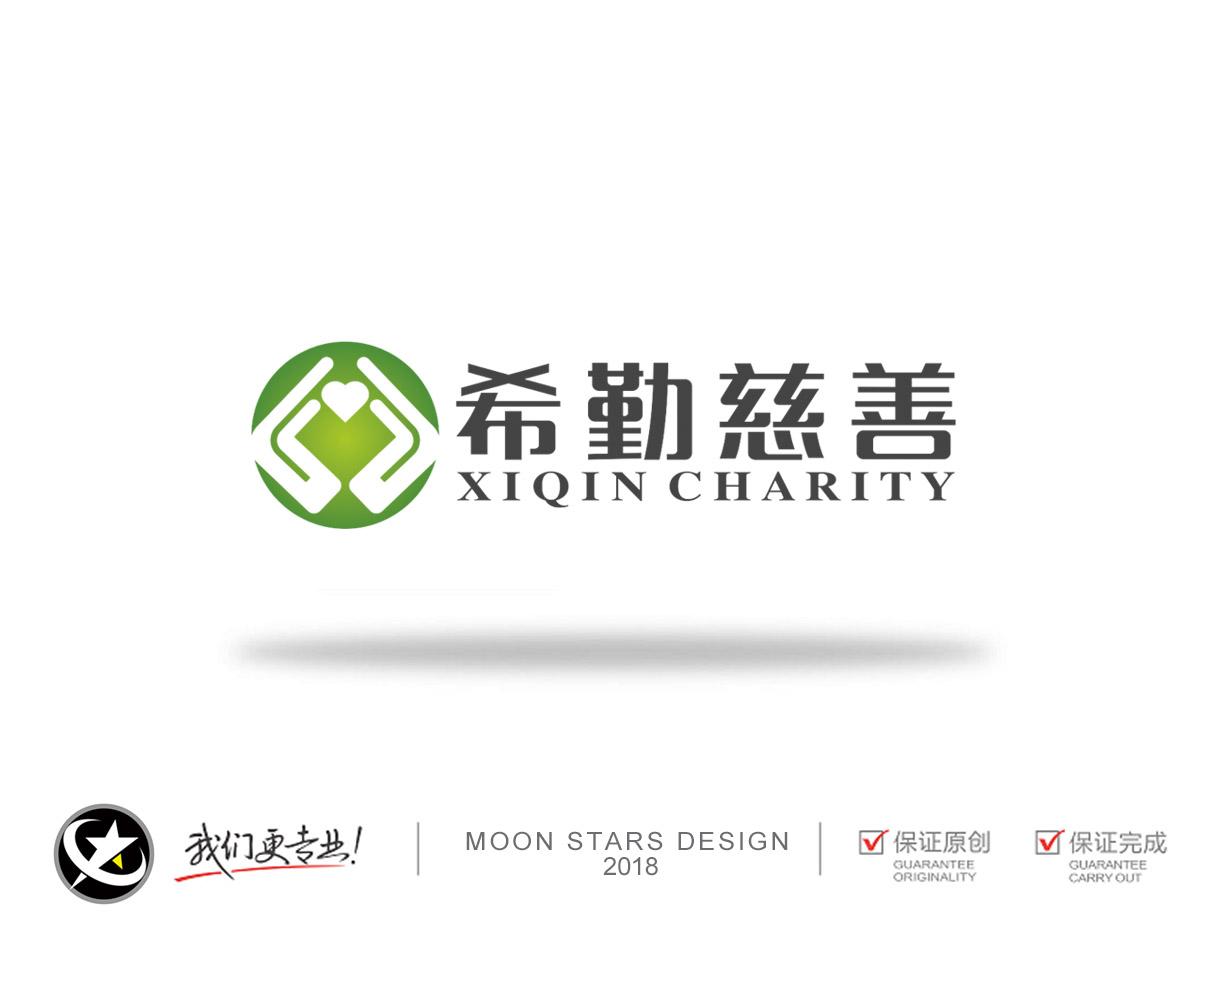 慈善机构LOGO_3016761_k68威客网